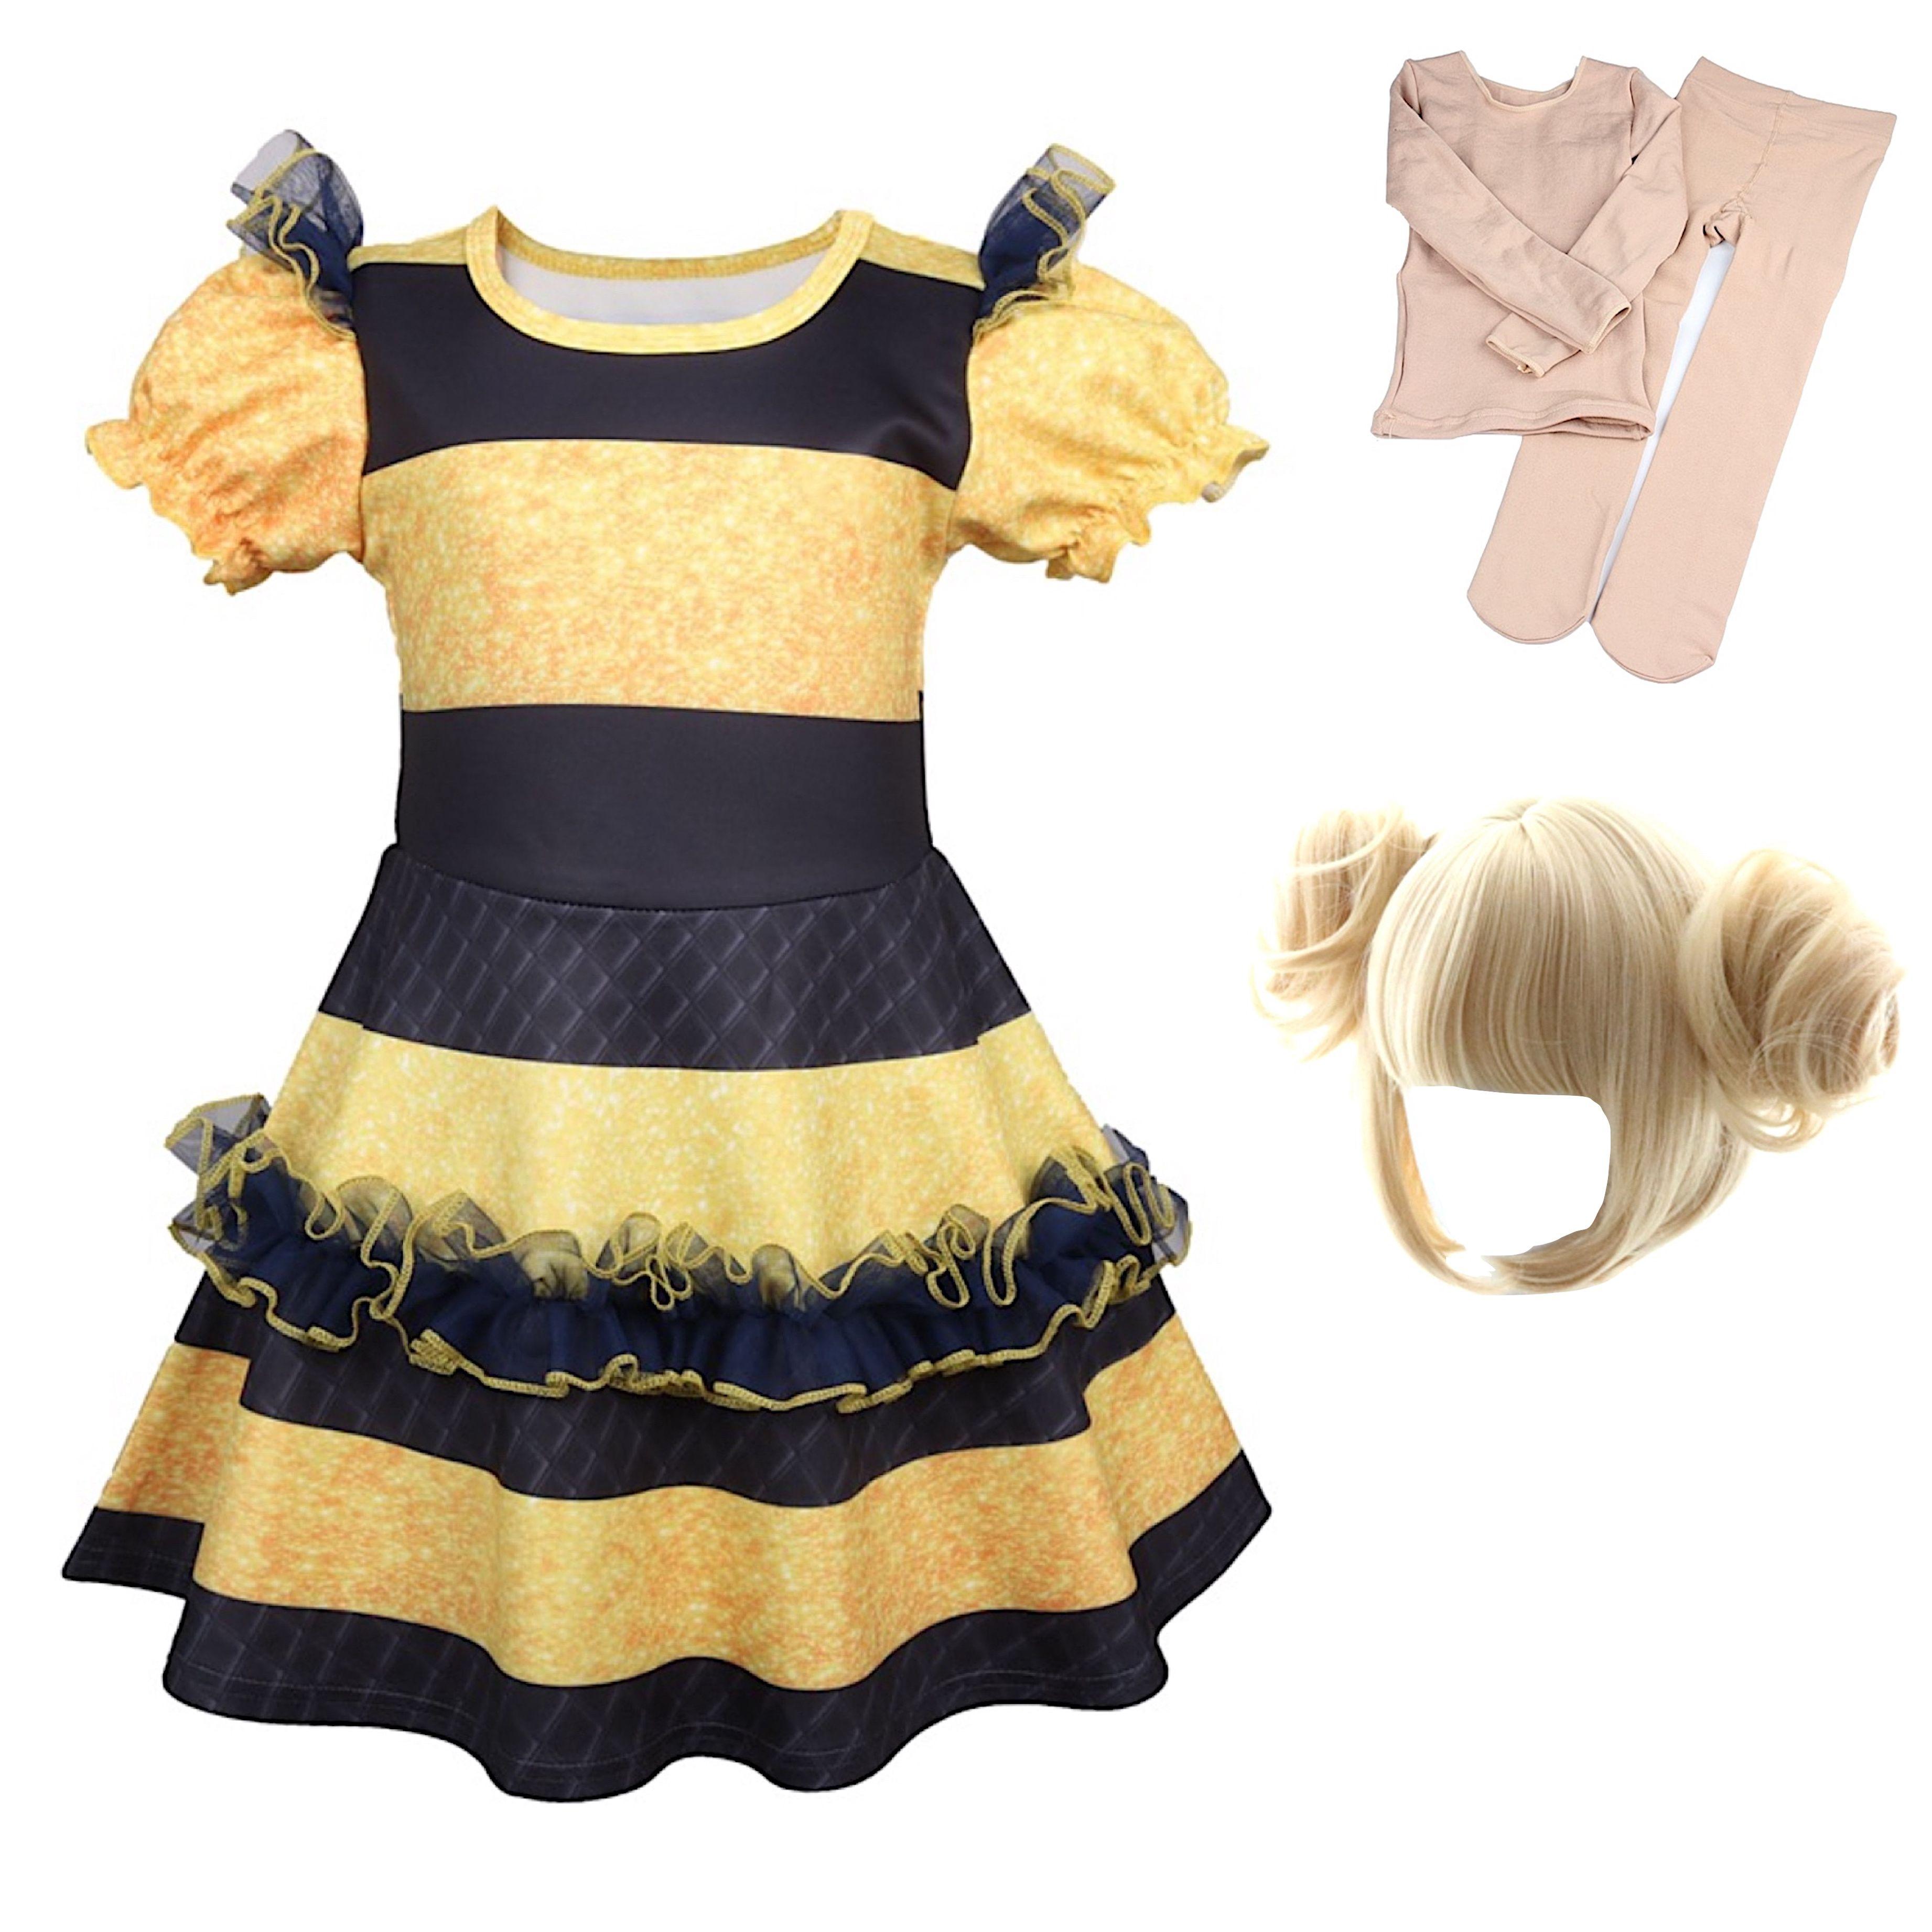 acquistare comprare a buon mercato prezzo di fabbrica Simile Lol Queen Bee Vestito Carnevale Bambina LOLQBEE2 ...